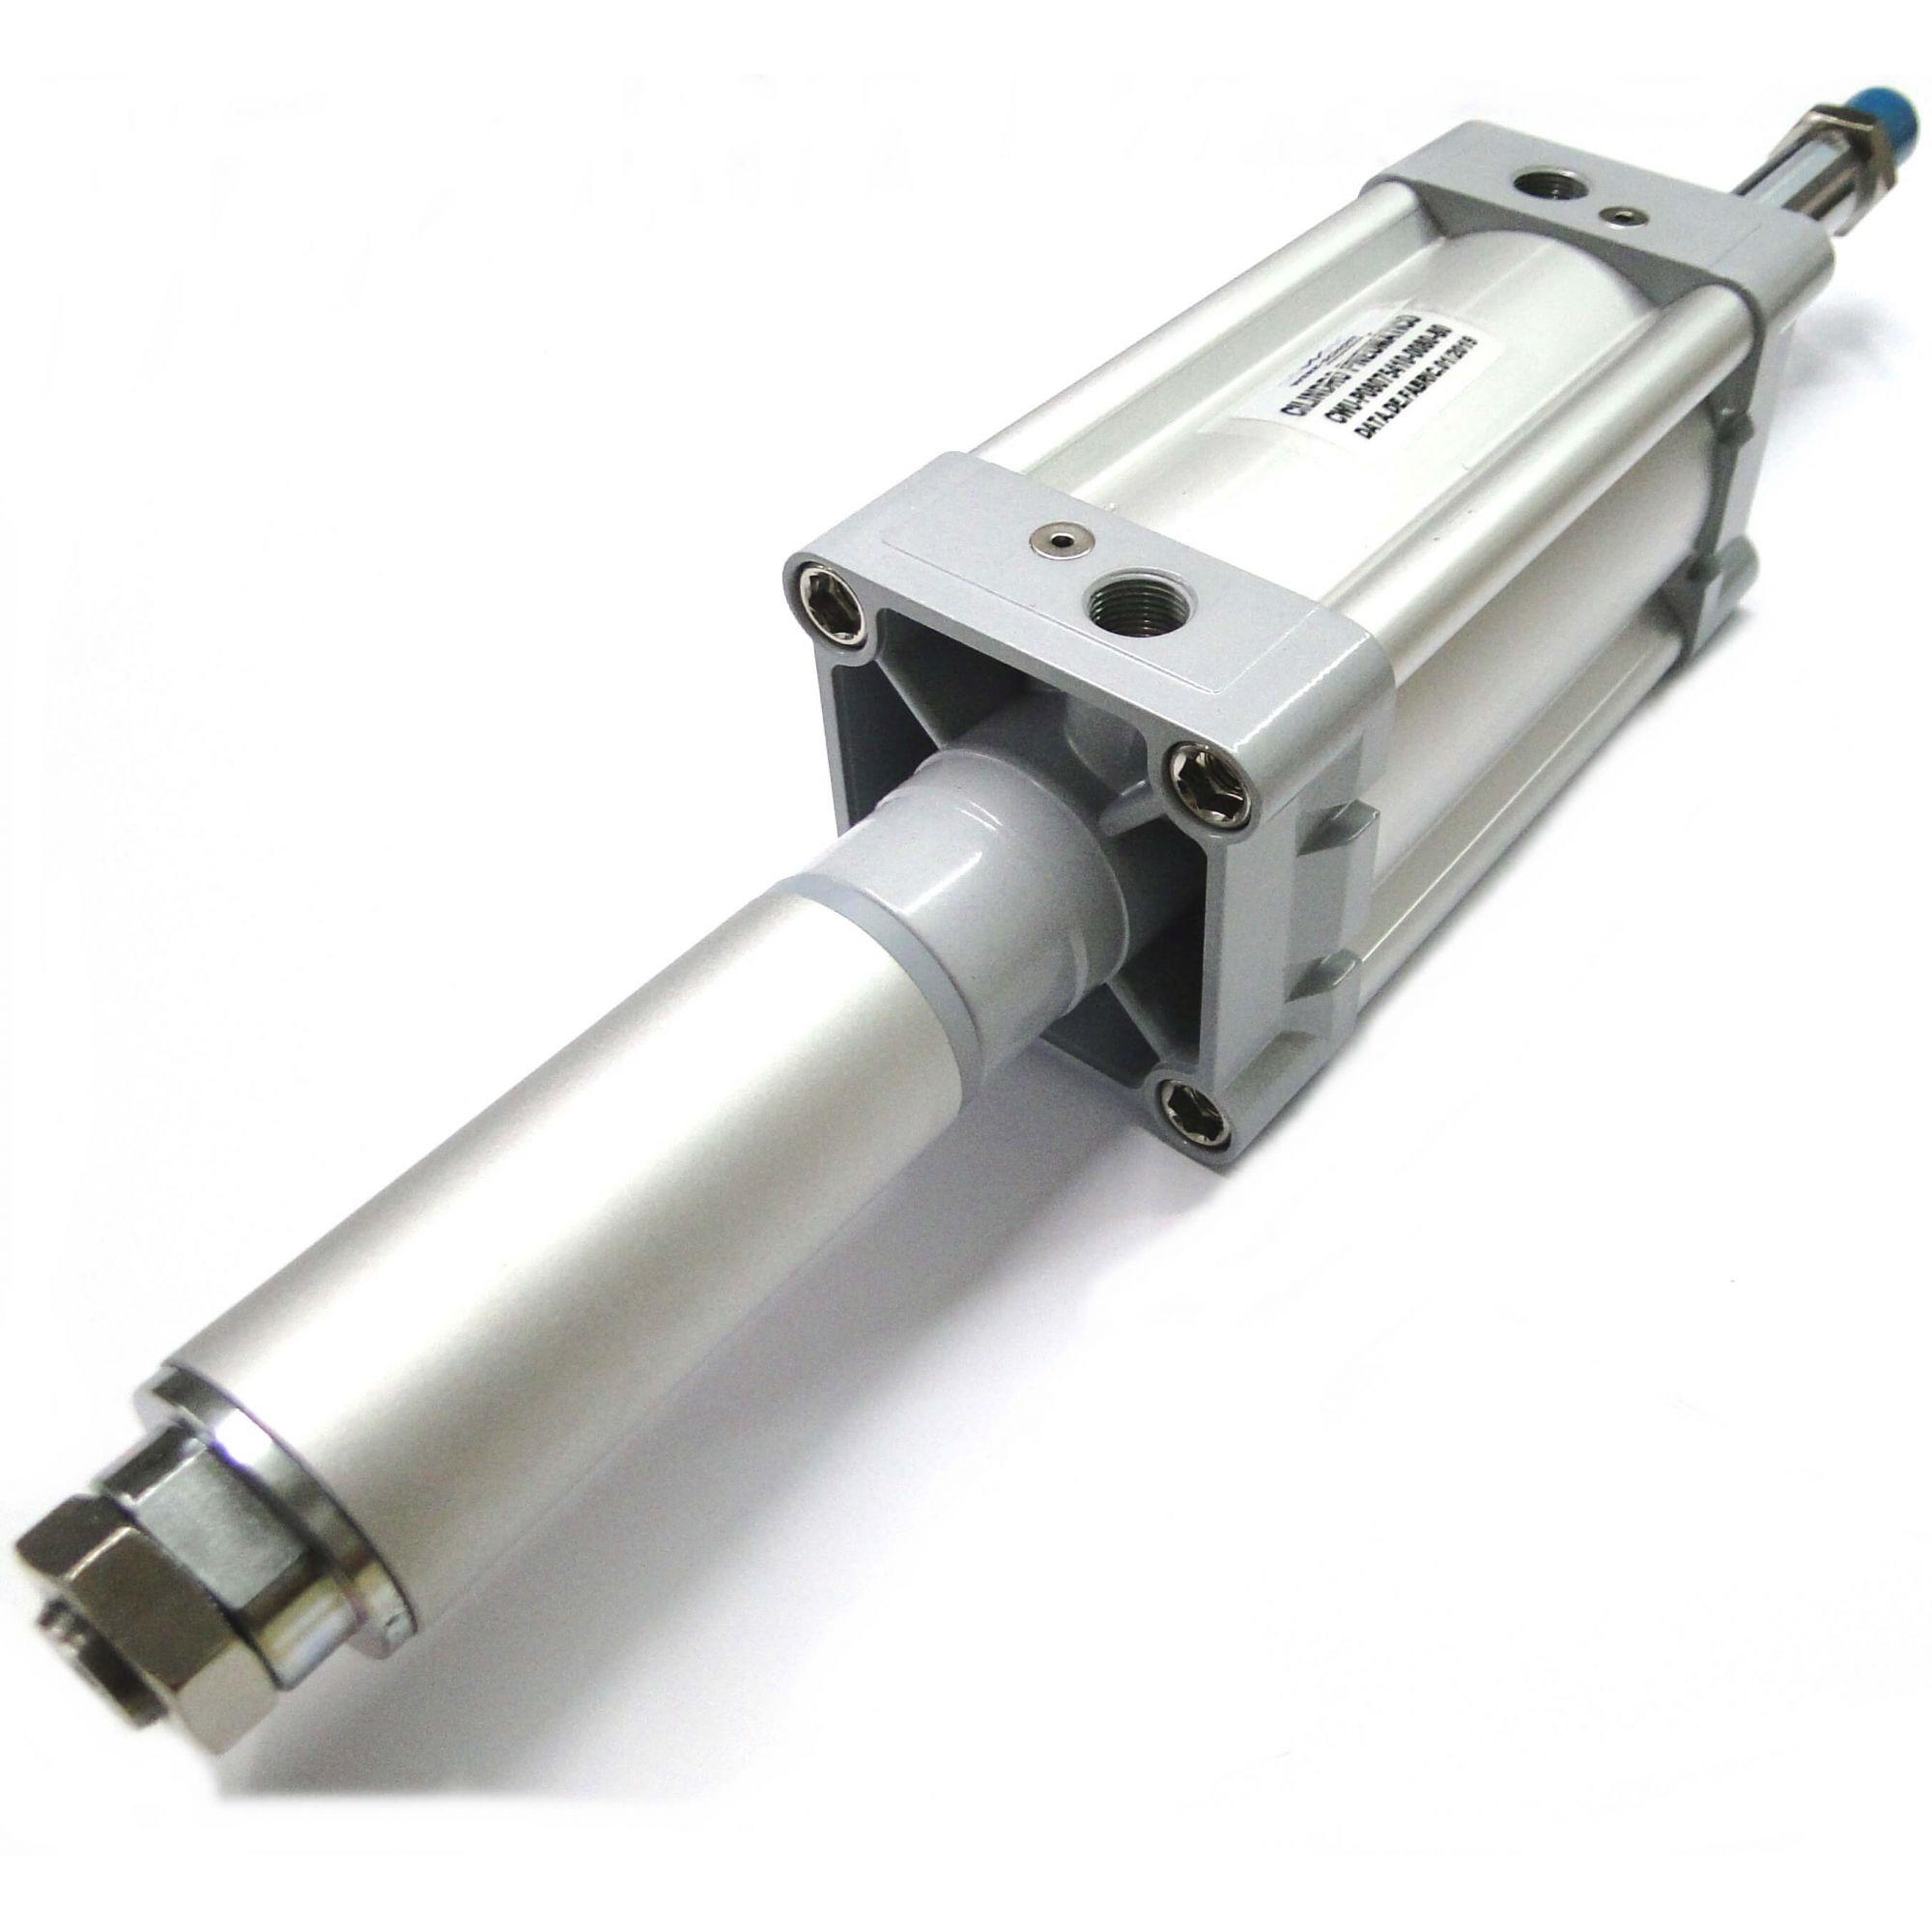 Cilindro Pneumático Iso Dupla Ação Diâmetro de 80mm x Curso de 80mm Werk Schott